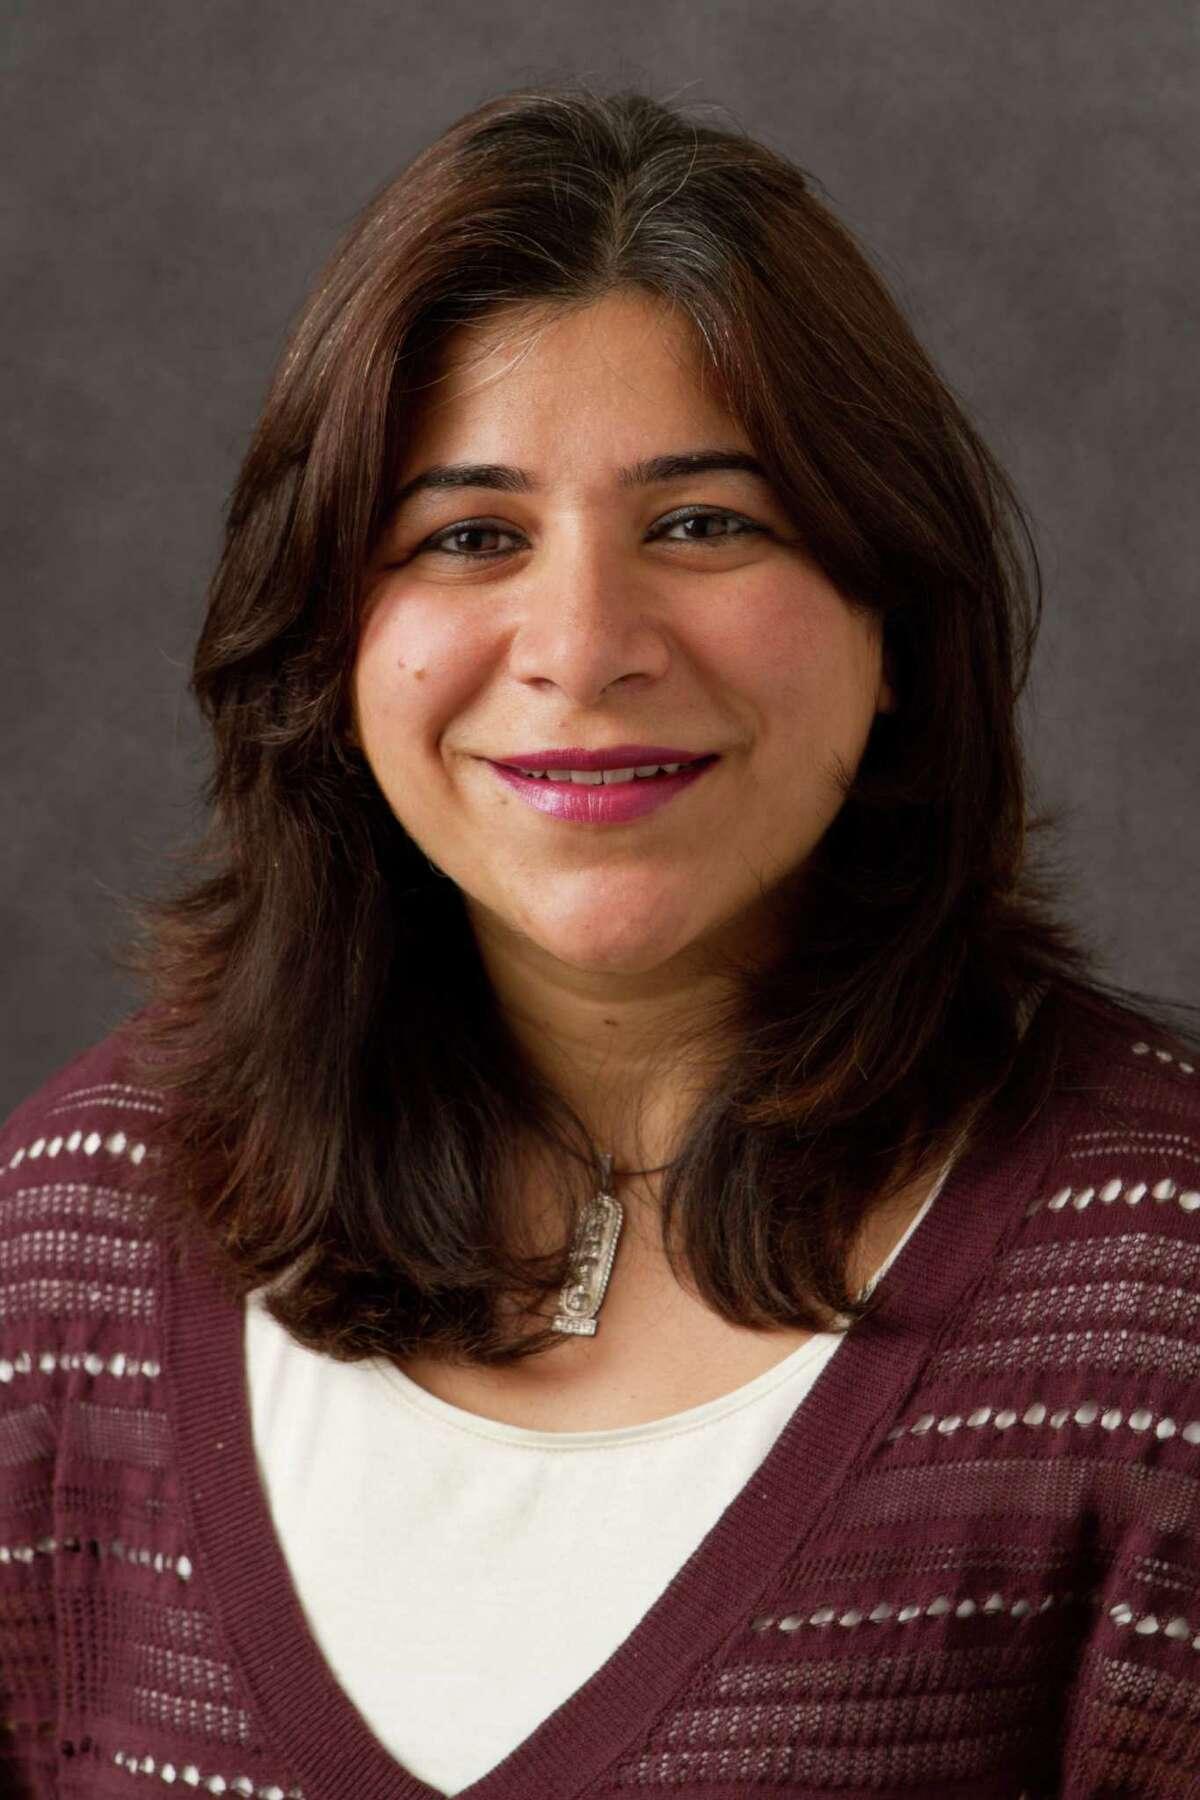 Sujata Gadkar-Wilcox, assistant professor of legal studies at Quinnpiac University. October 3, 2011.